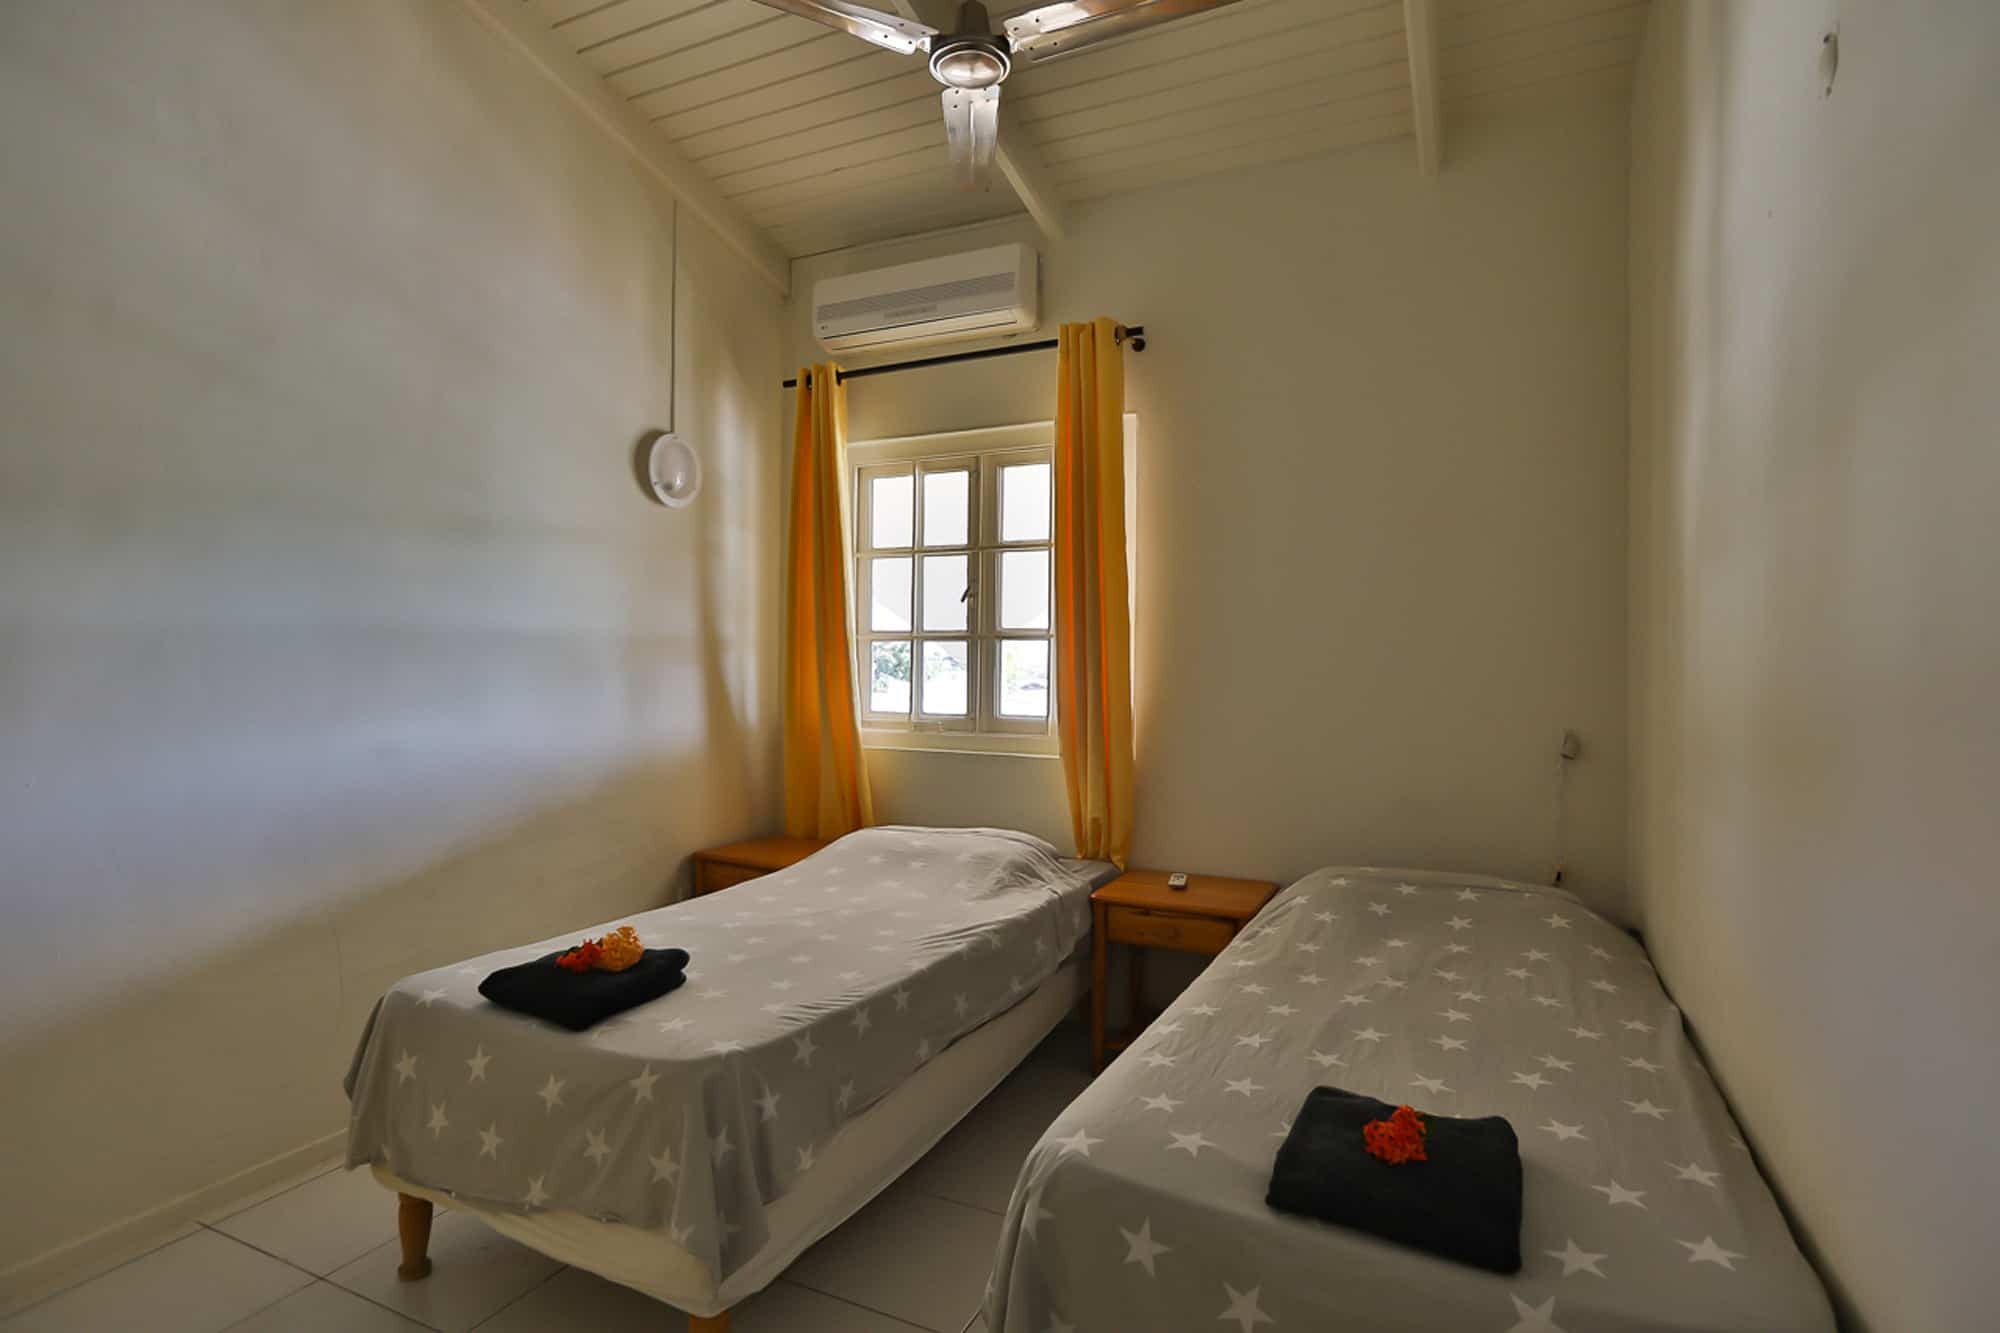 Appartement Pelikaan Slaapkamer